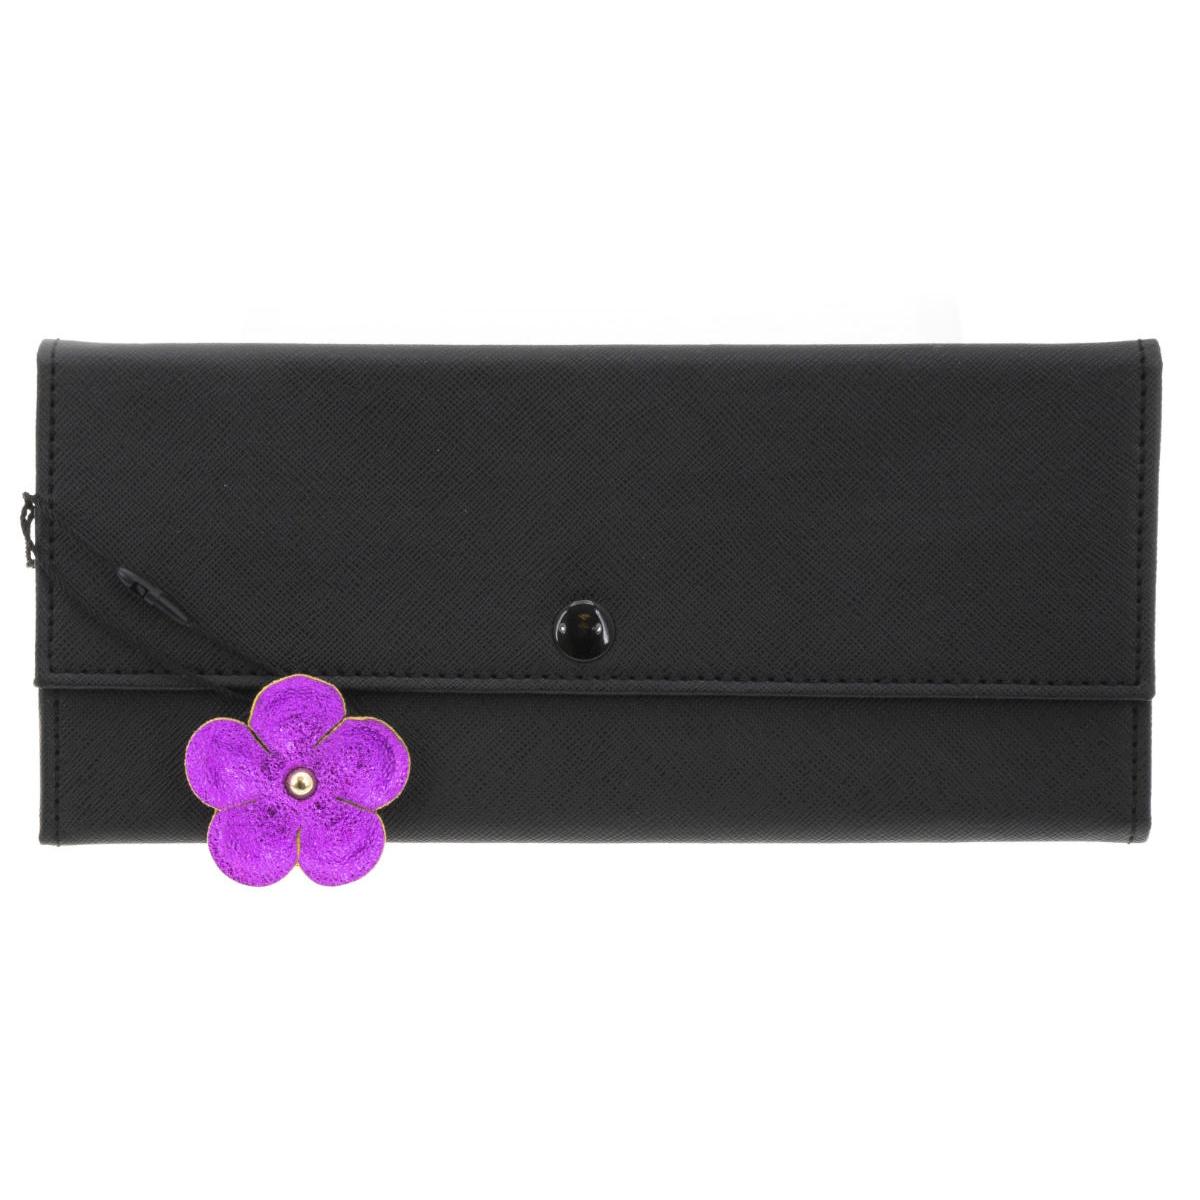 Trousse à bijoux de voyage \'Humeur Fleurie\' noir violet - 22x11x2 cm - [Q0647]